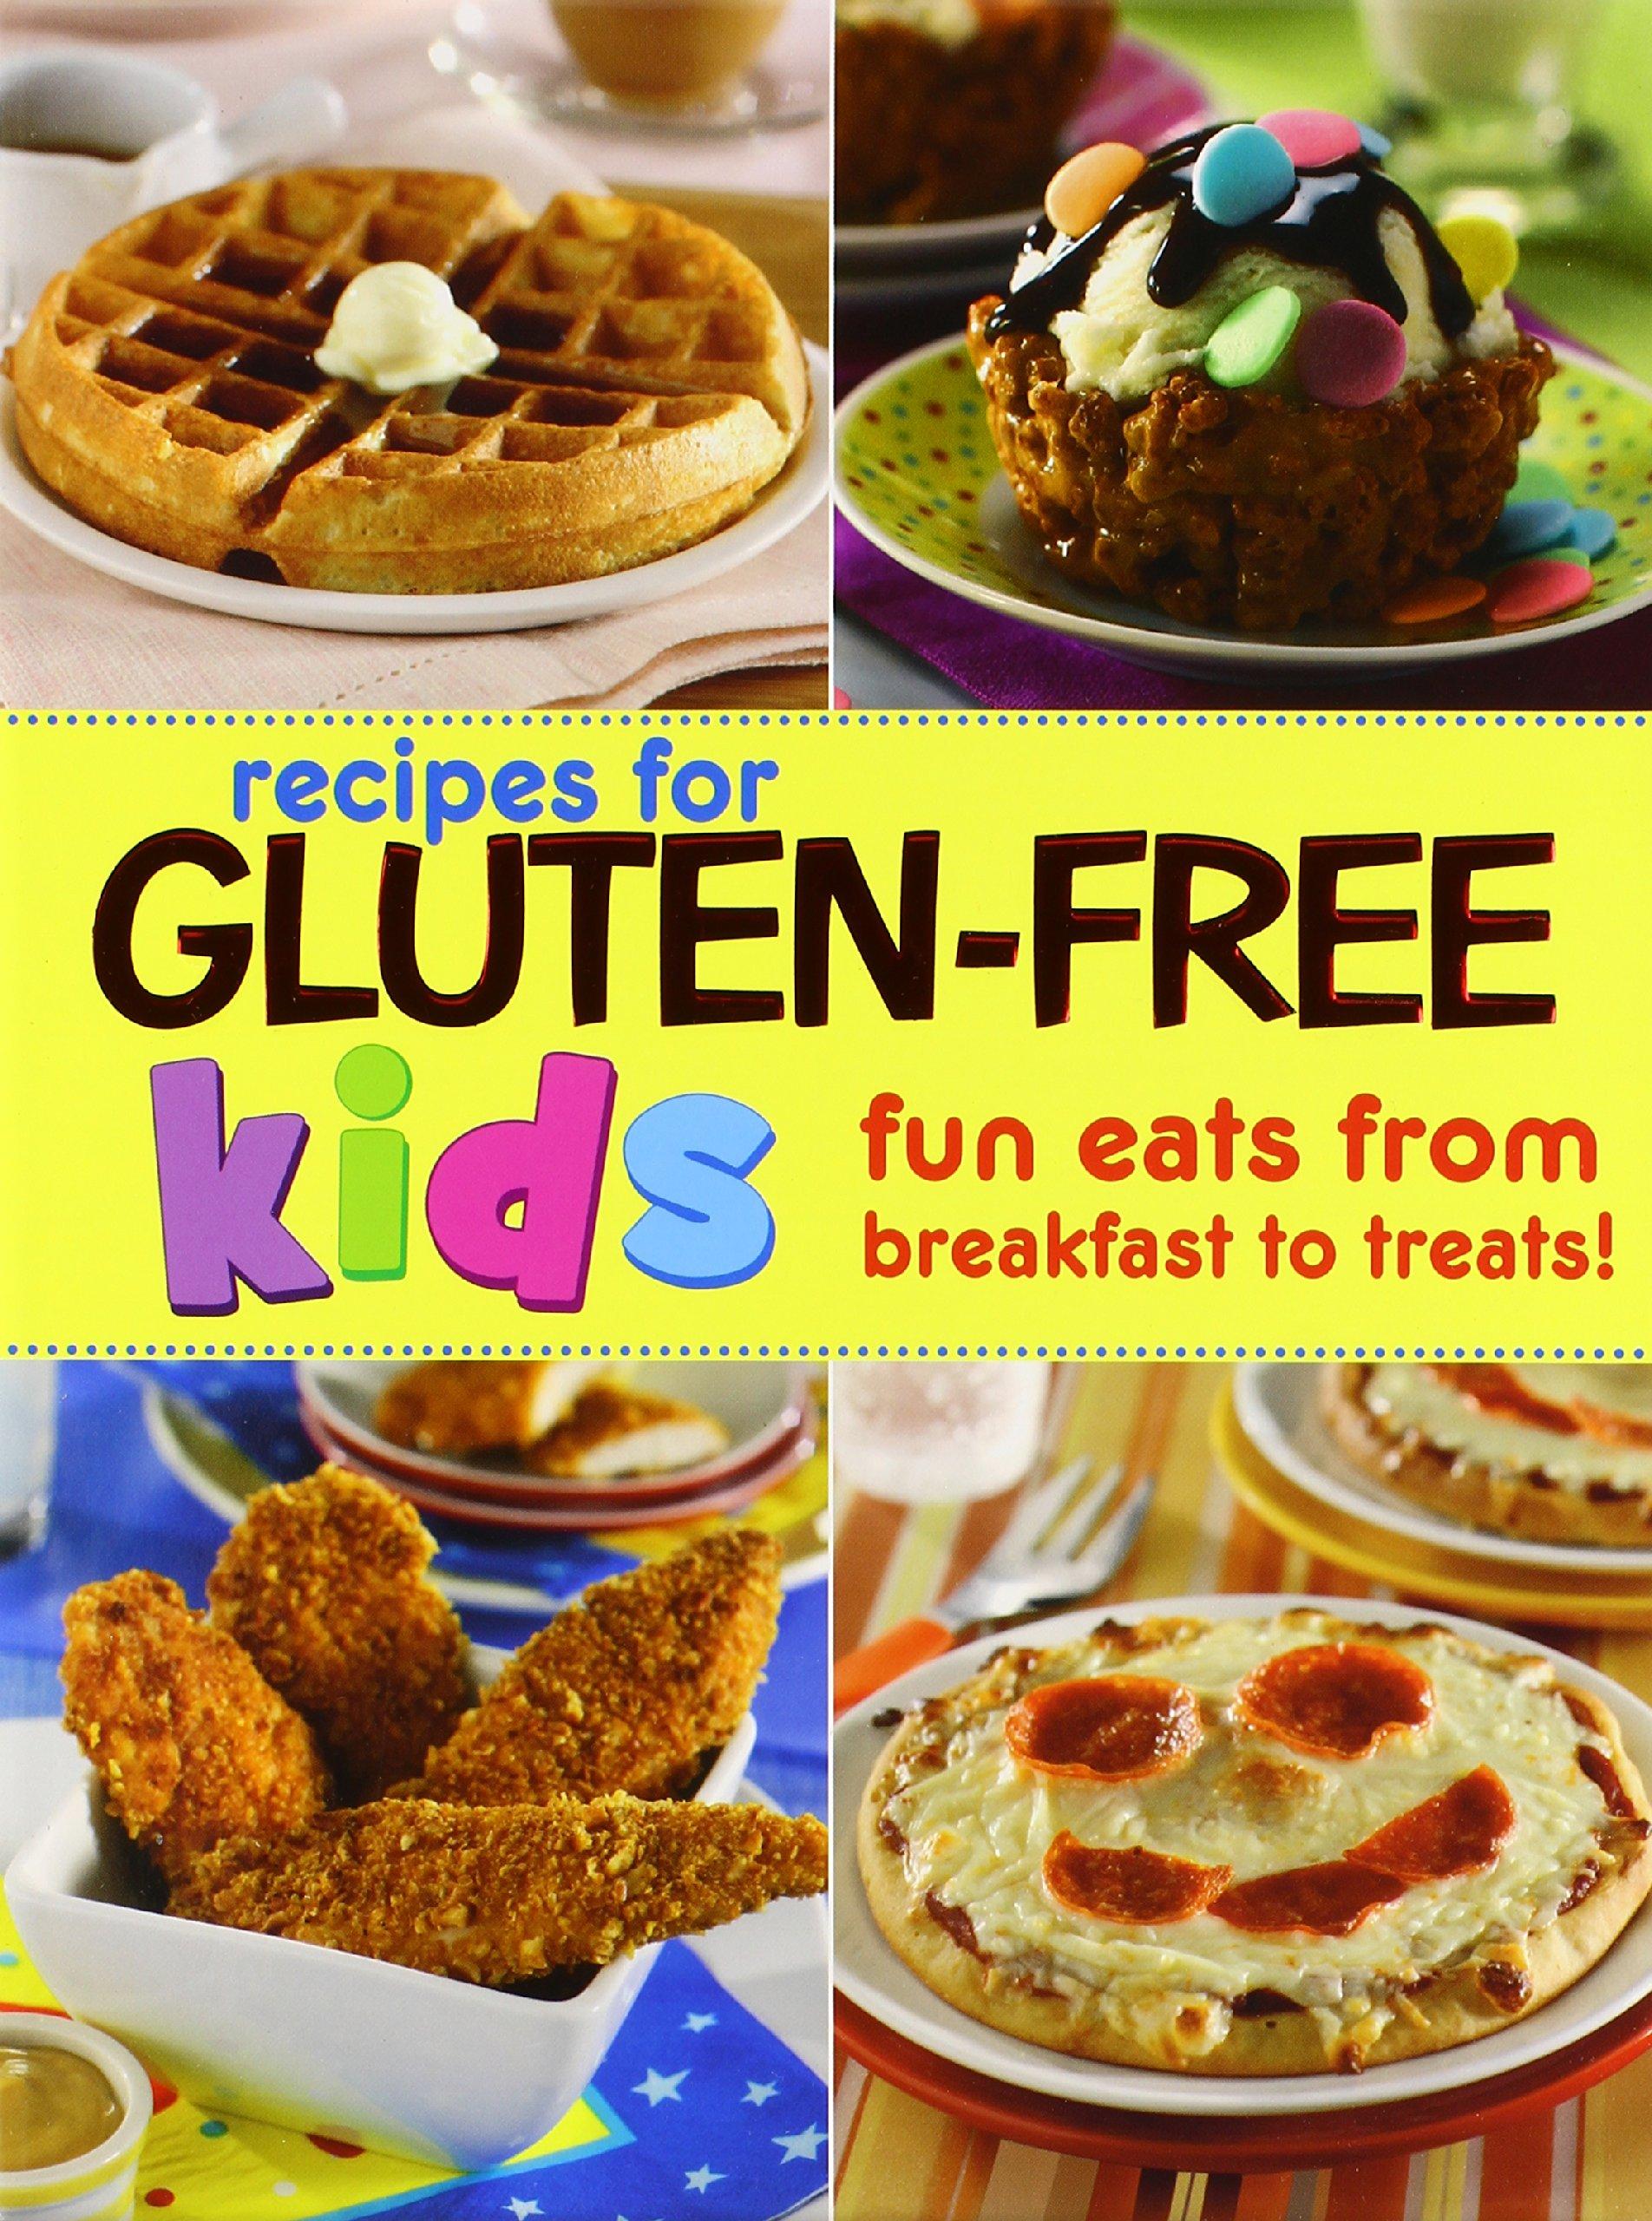 Gluten-Free Recipes for Kids: Fun Eats from Breakfast to Treats by Publications International, Ltd.